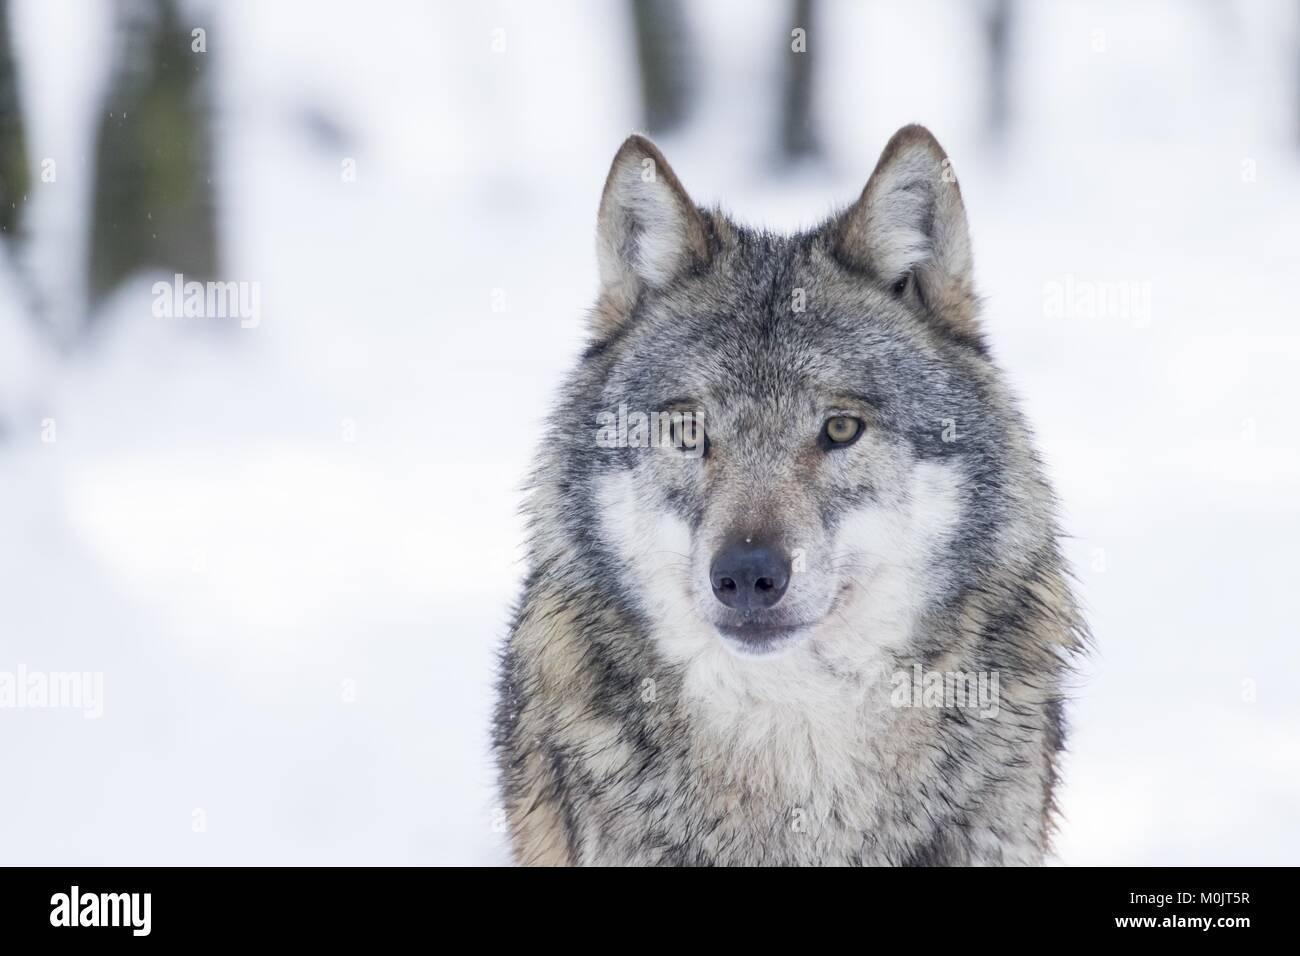 Le loup (Canis lupus) en hiver, portrait, captive, Allemagne Banque D'Images